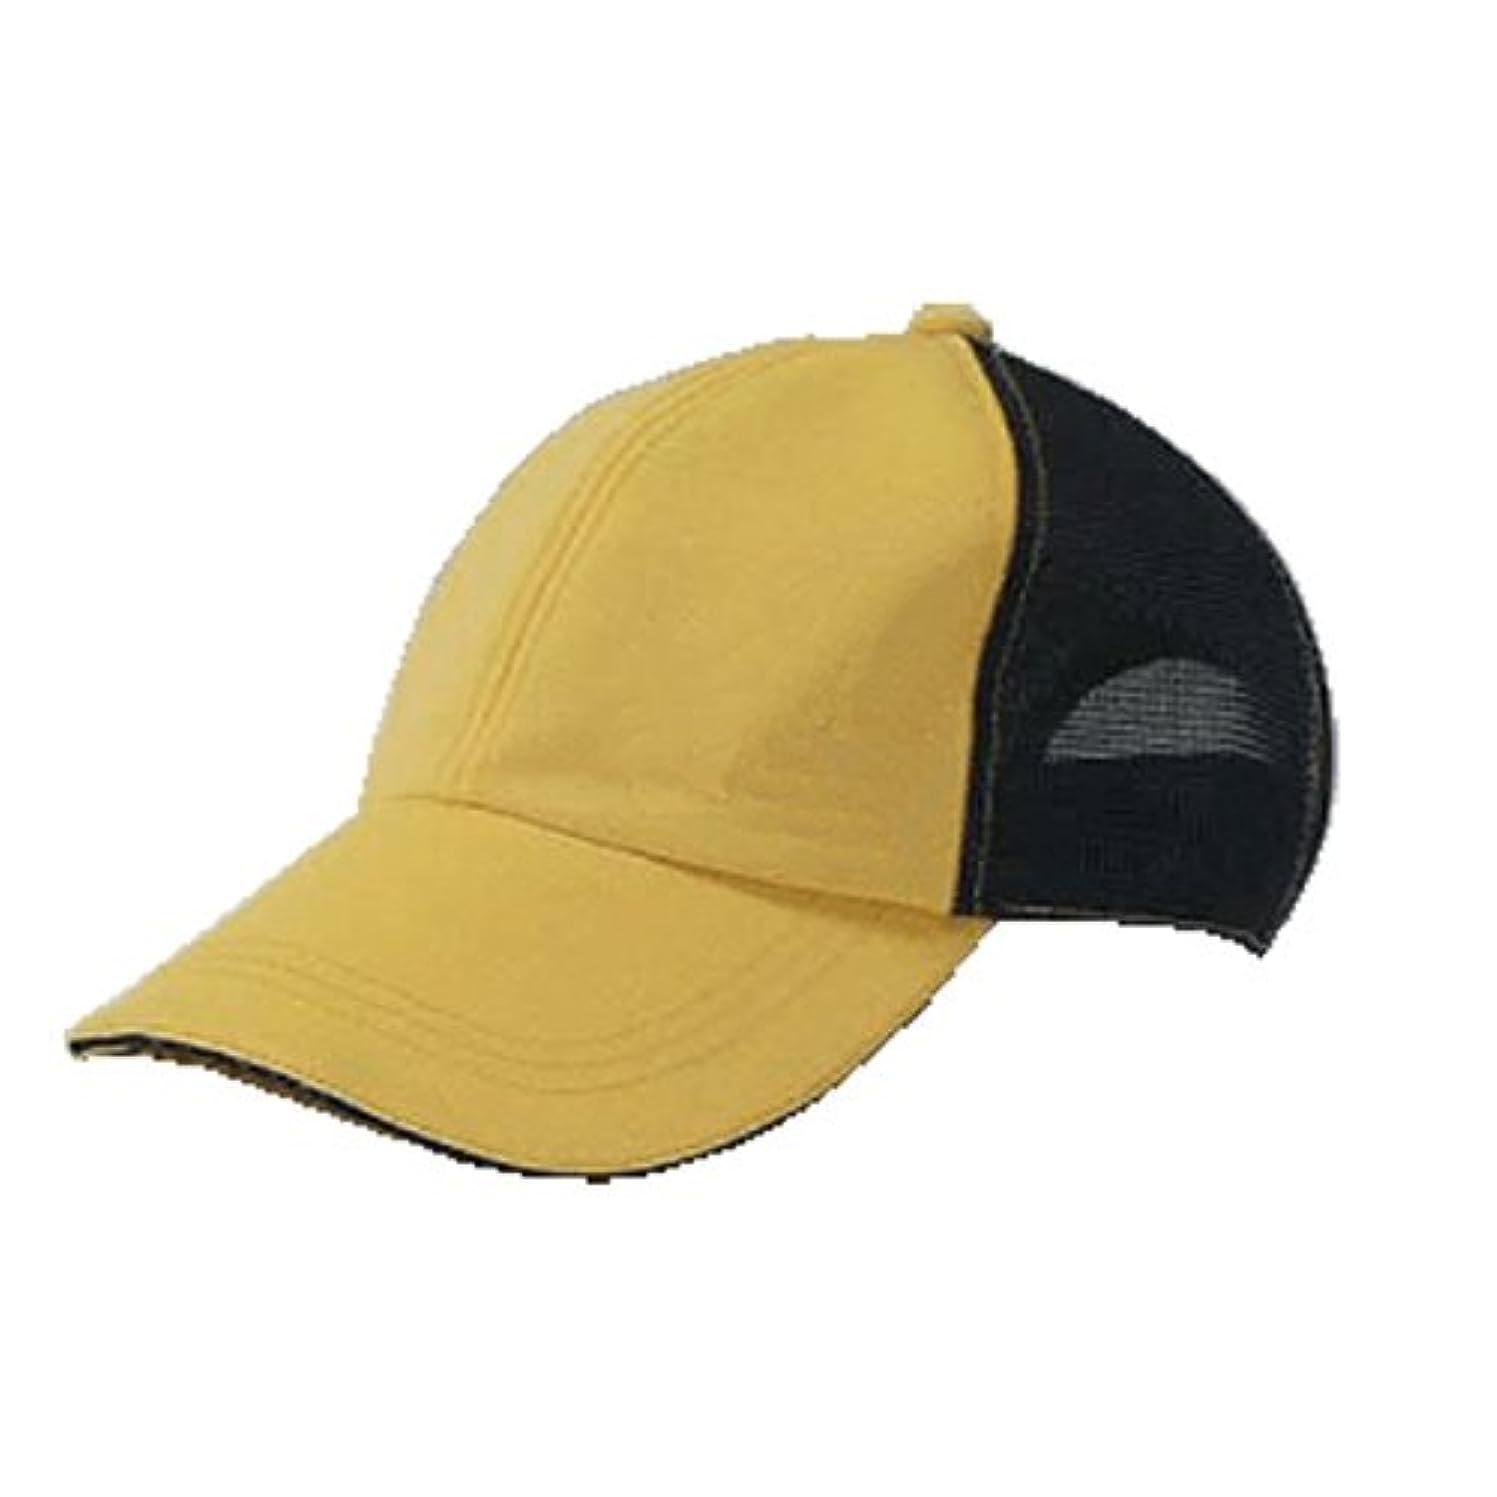 教育者ビーチ好きであるLEDライト付き帽子 TERUBO メッシュタイプ 黄/黒